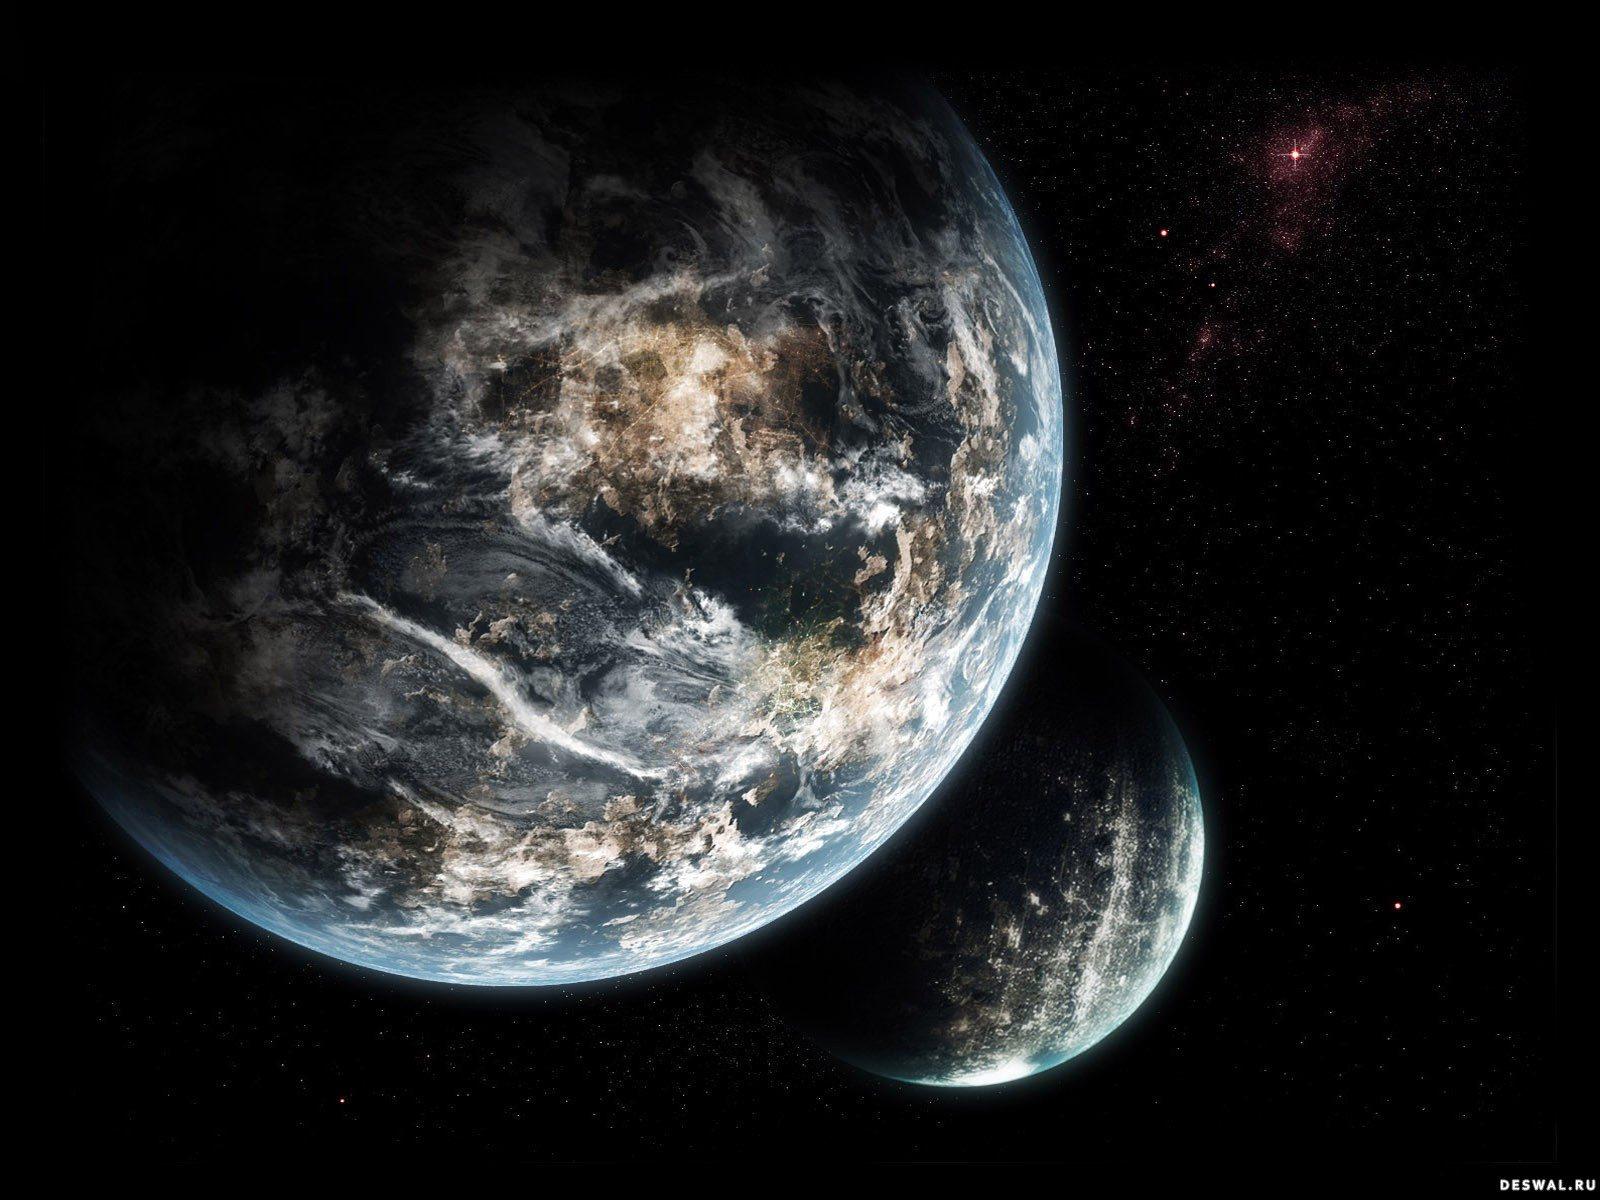 Фото 166.. Нажмите на картинку с обоями космоса, чтобы просмотреть ее в реальном размере